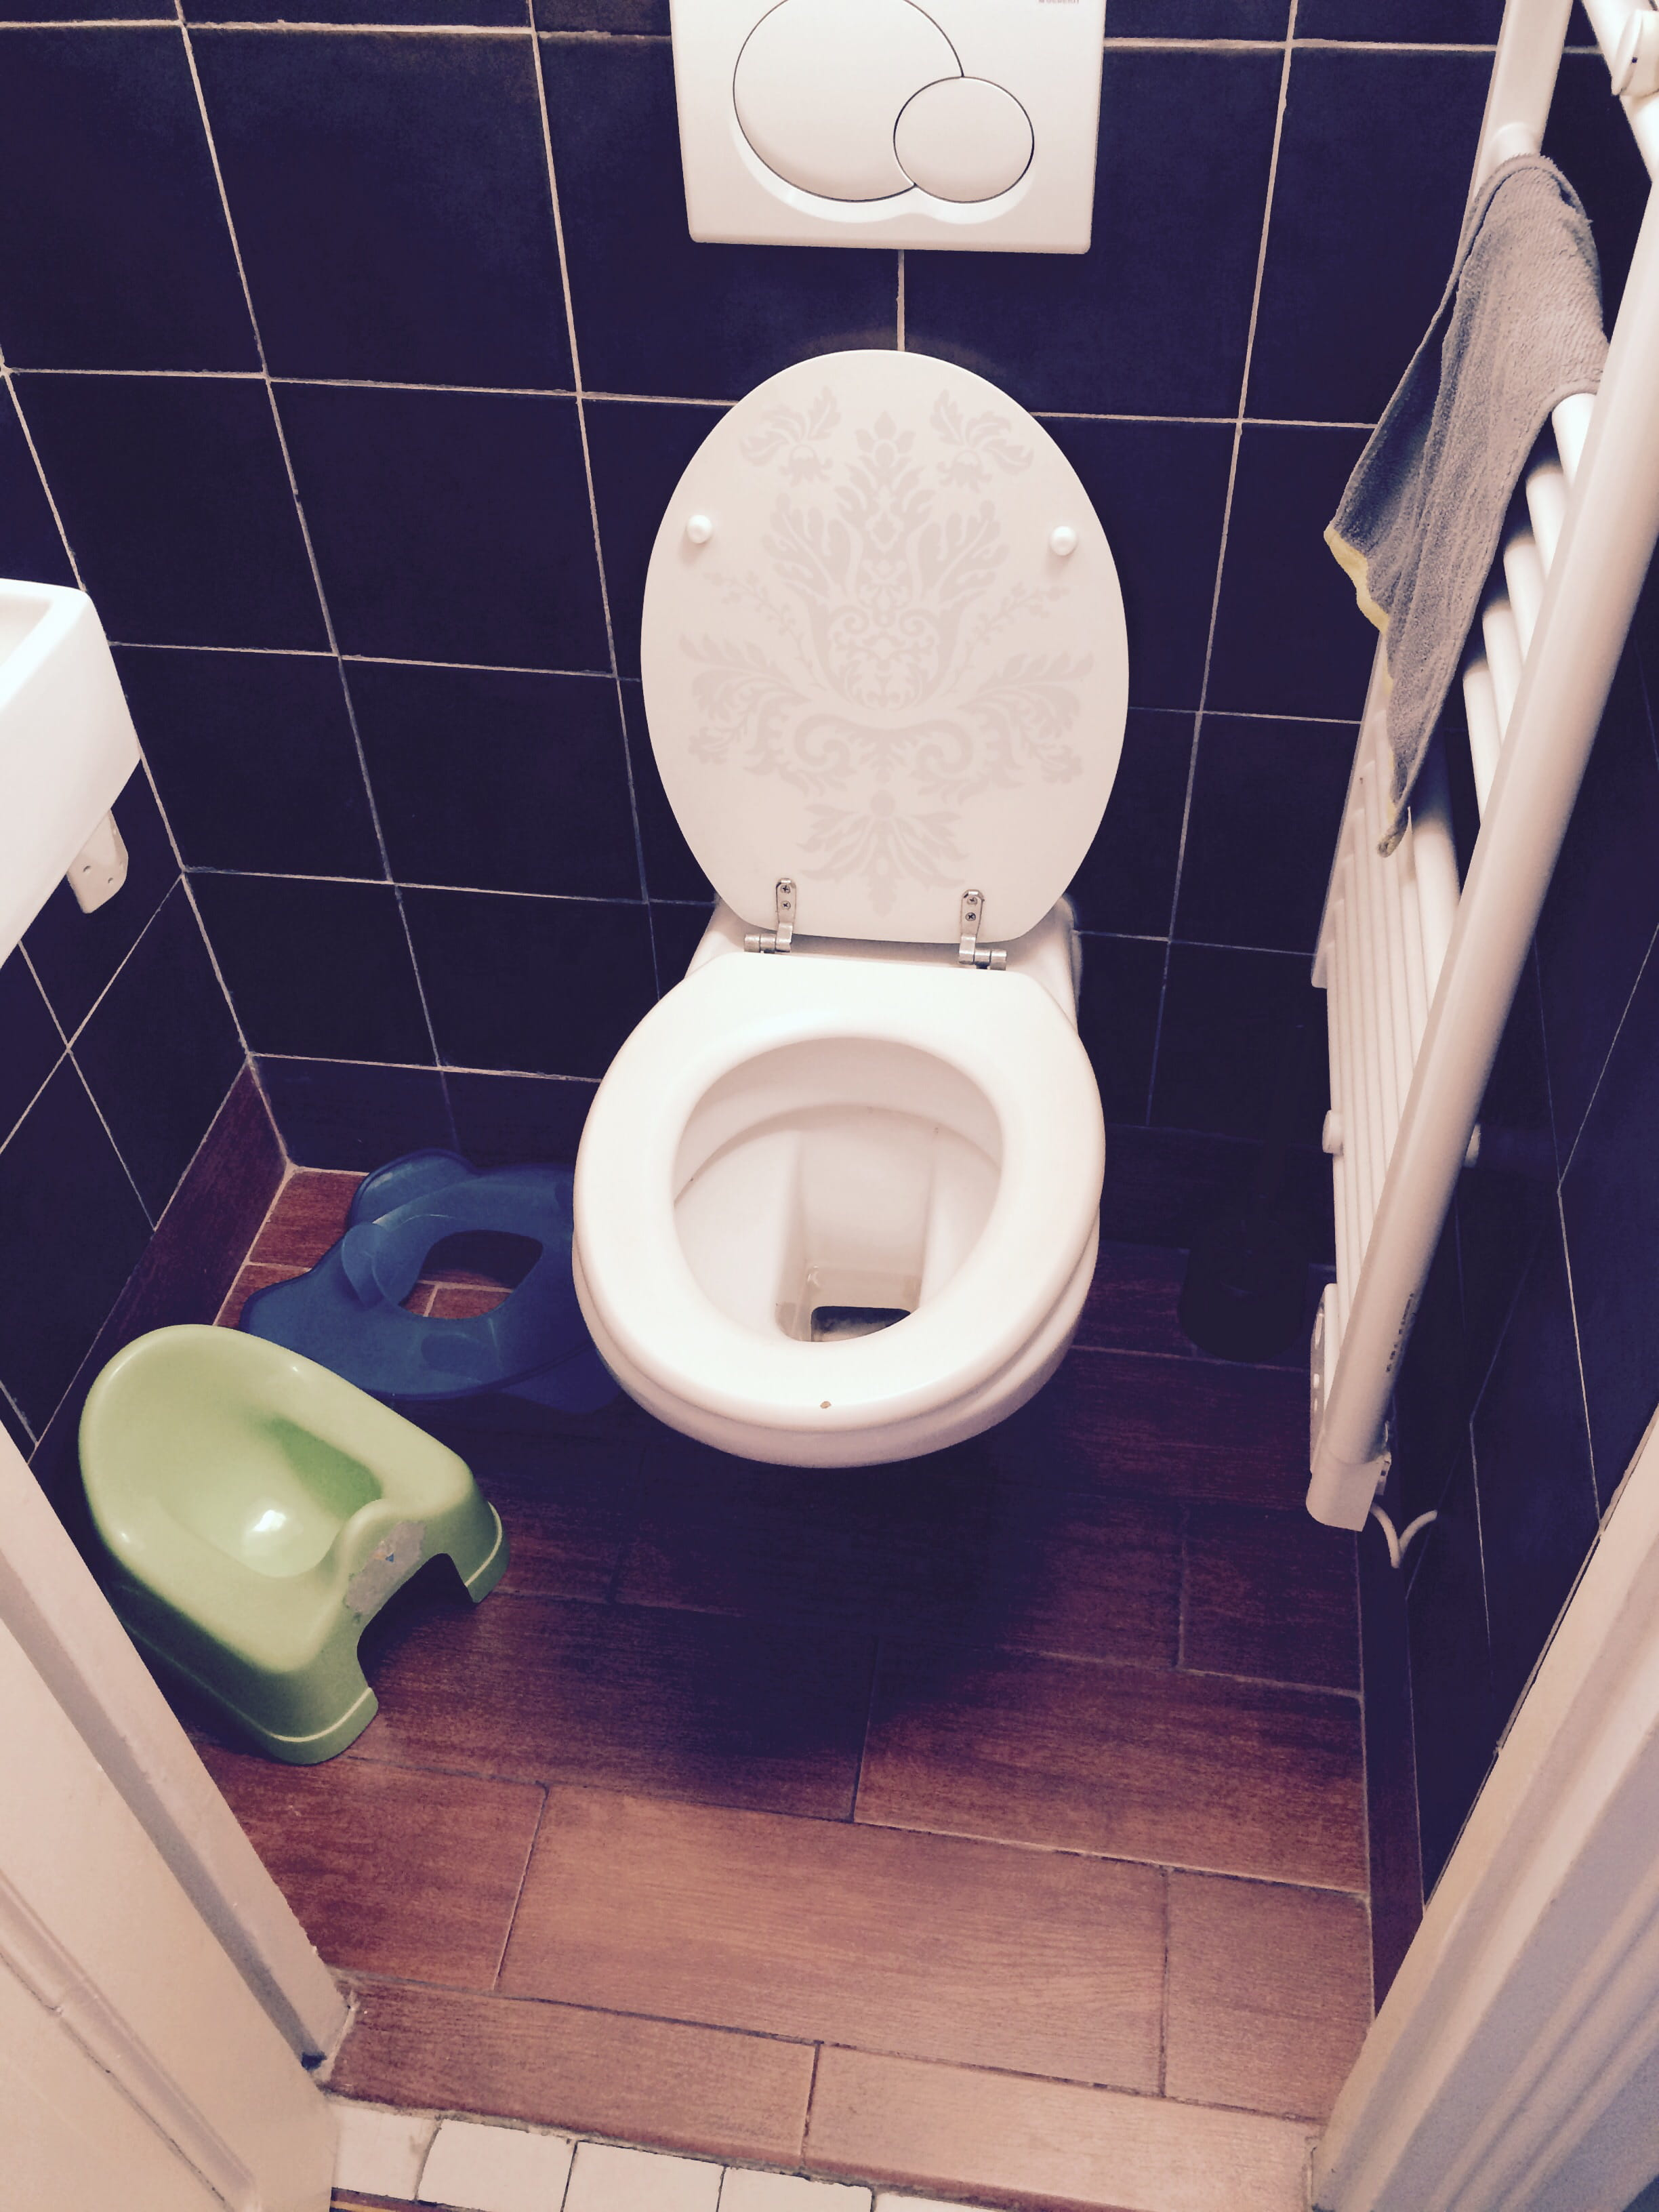 remplacer mes wc d j suspendus par un syst me plus court forum plomberie. Black Bedroom Furniture Sets. Home Design Ideas